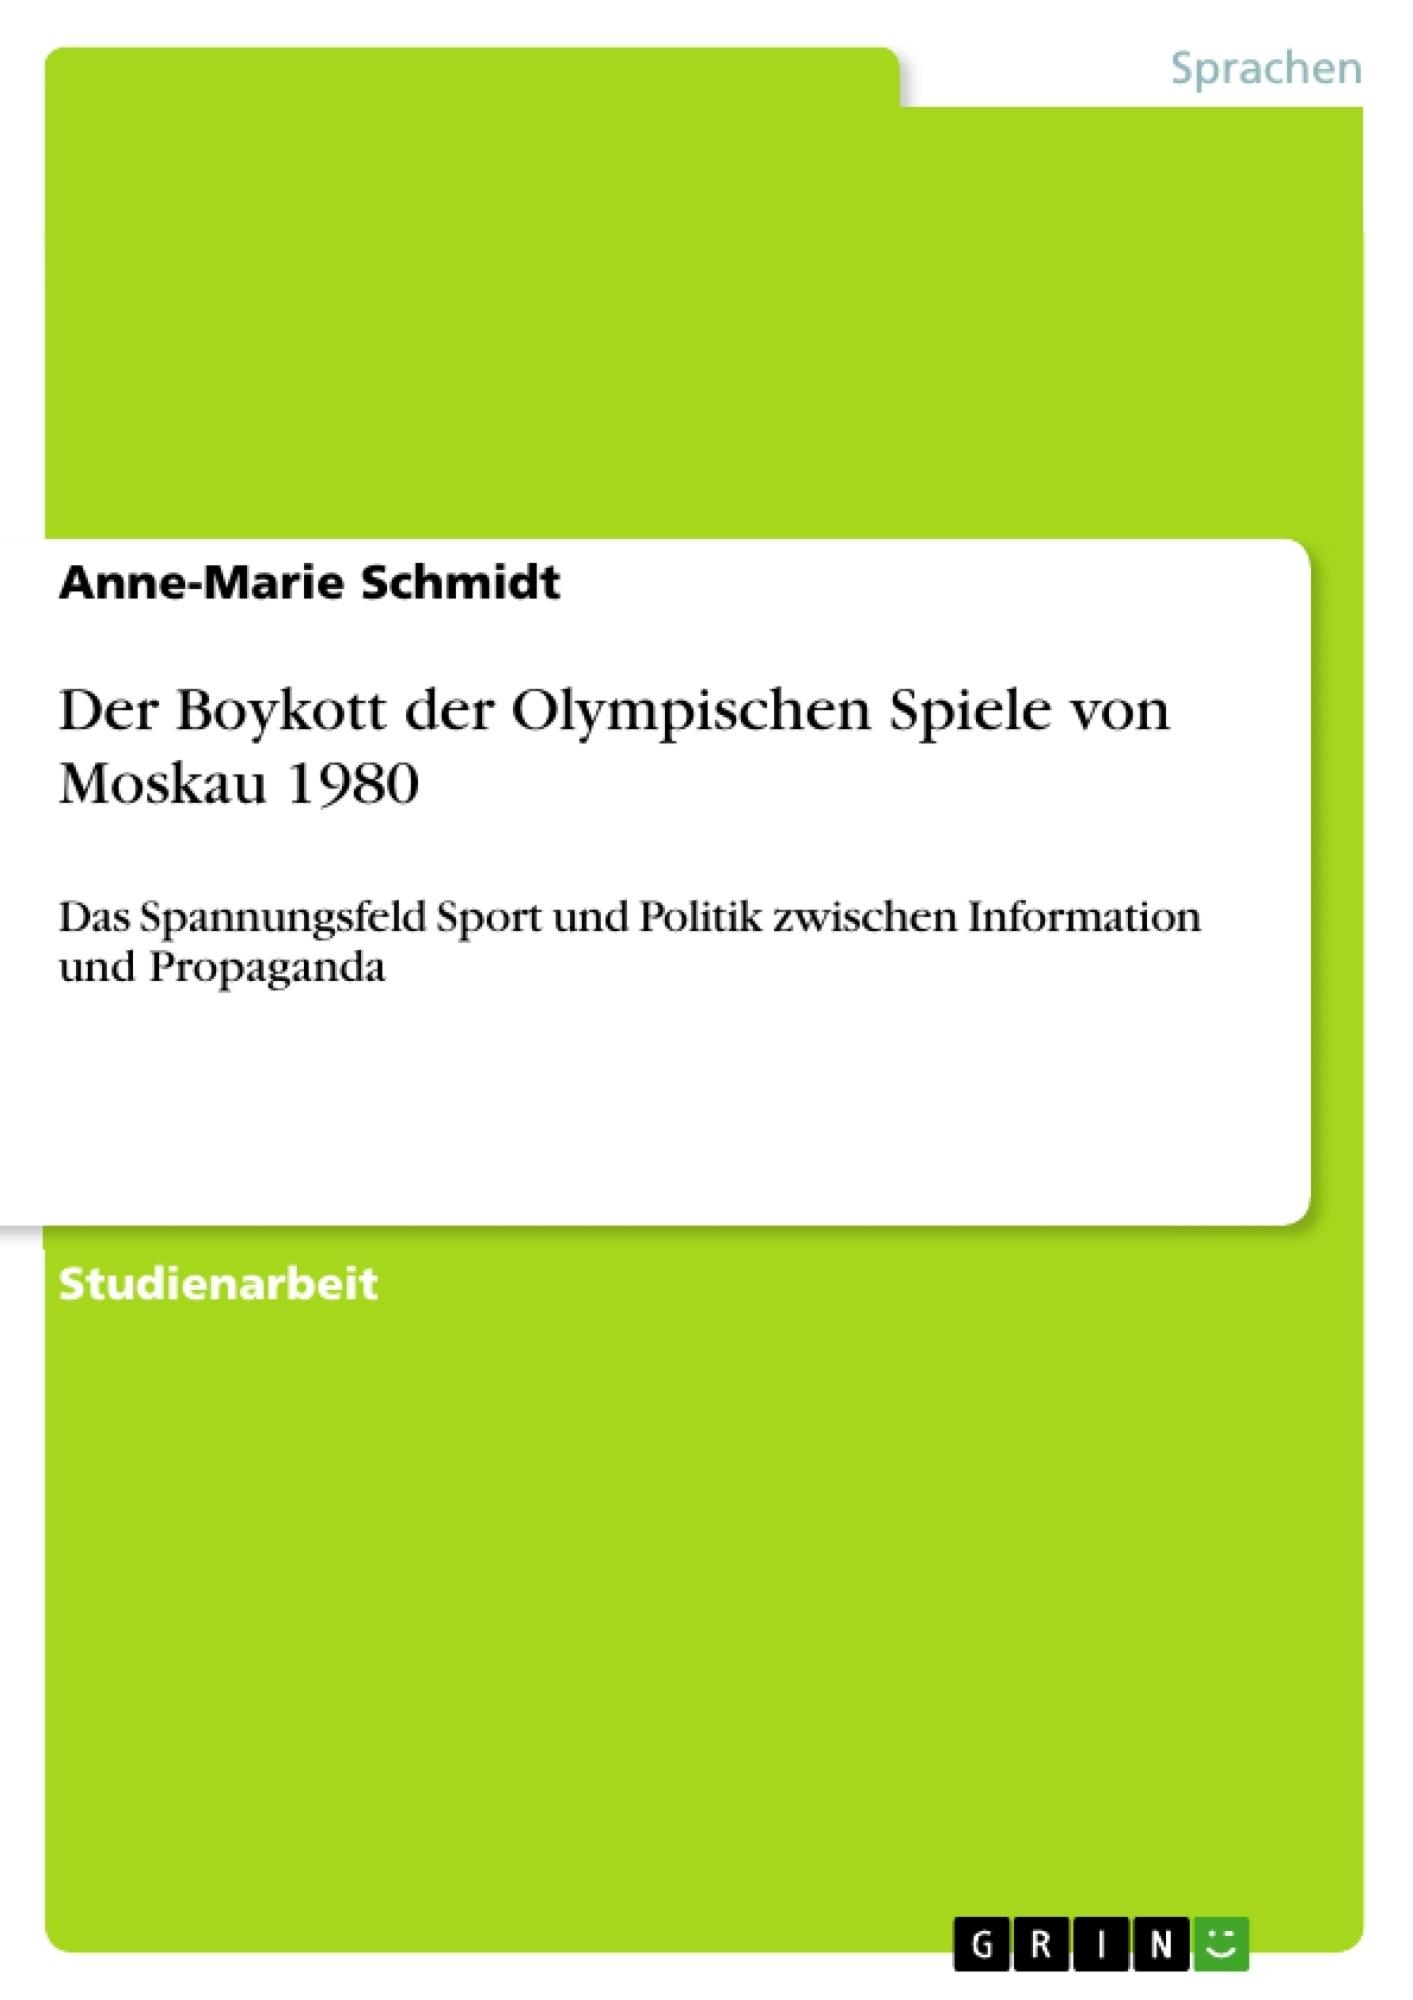 Titel: Der Boykott der Olympischen Spiele von Moskau 1980